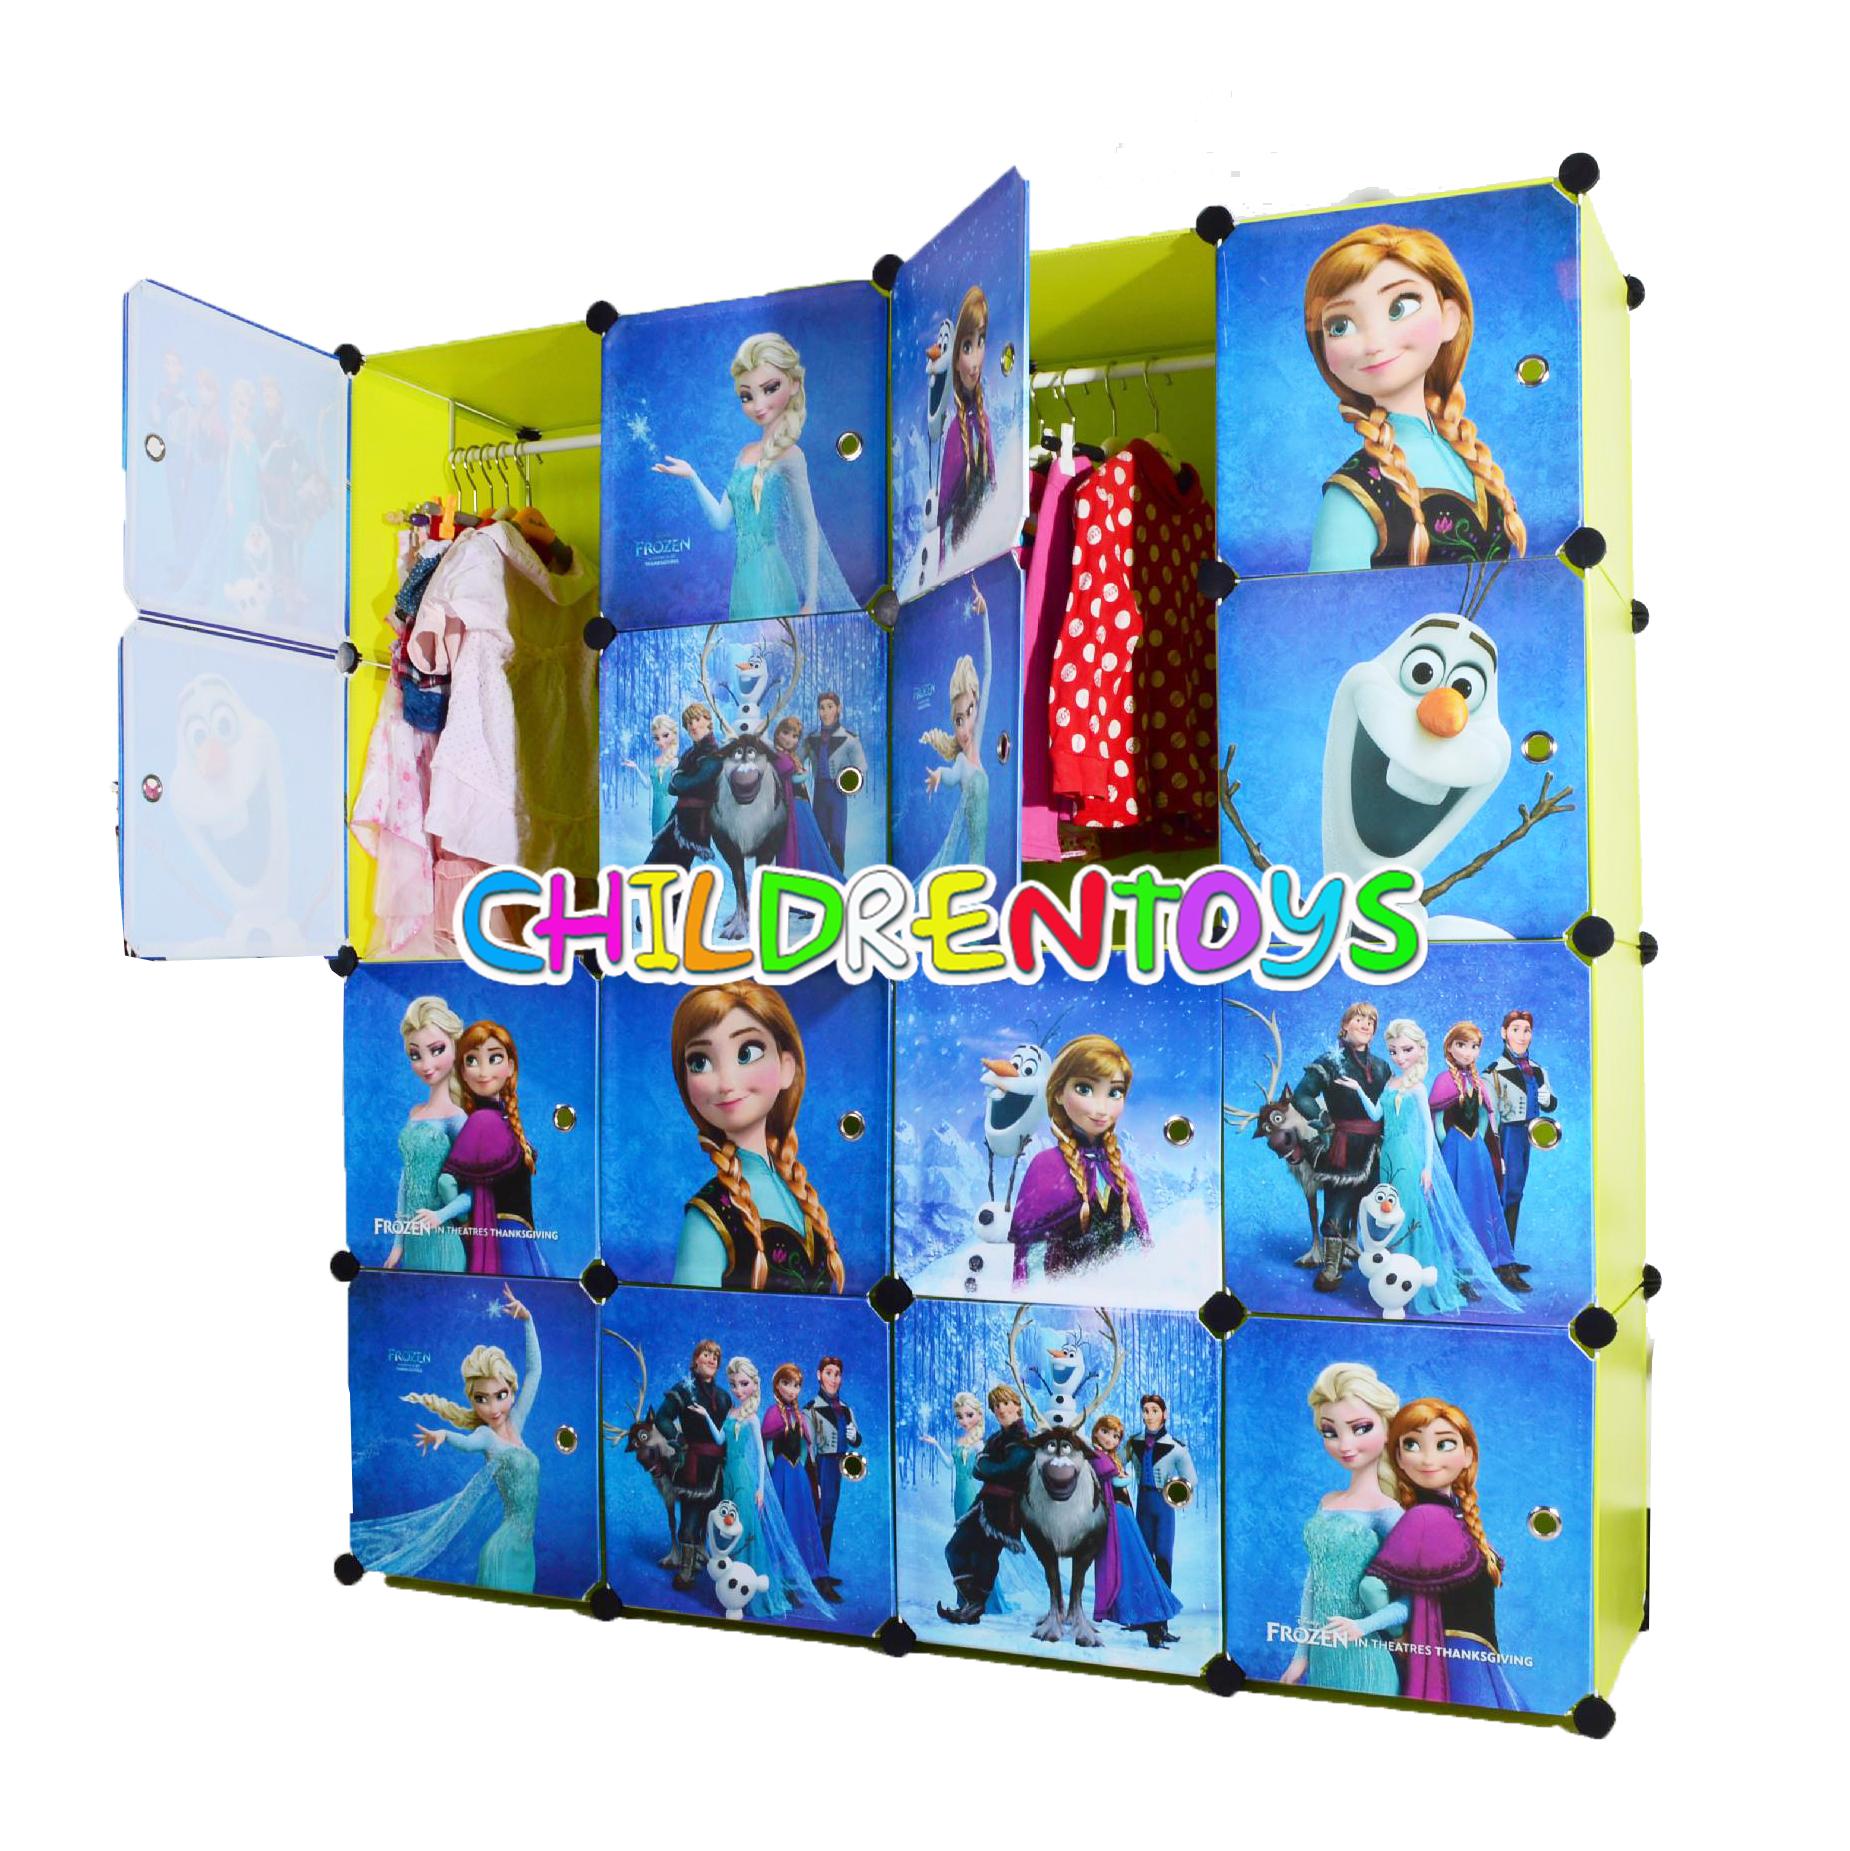 ตู้เสื้อผ้าเด็กพลาสติก DIY ลายโฟรเซ่น Frozen